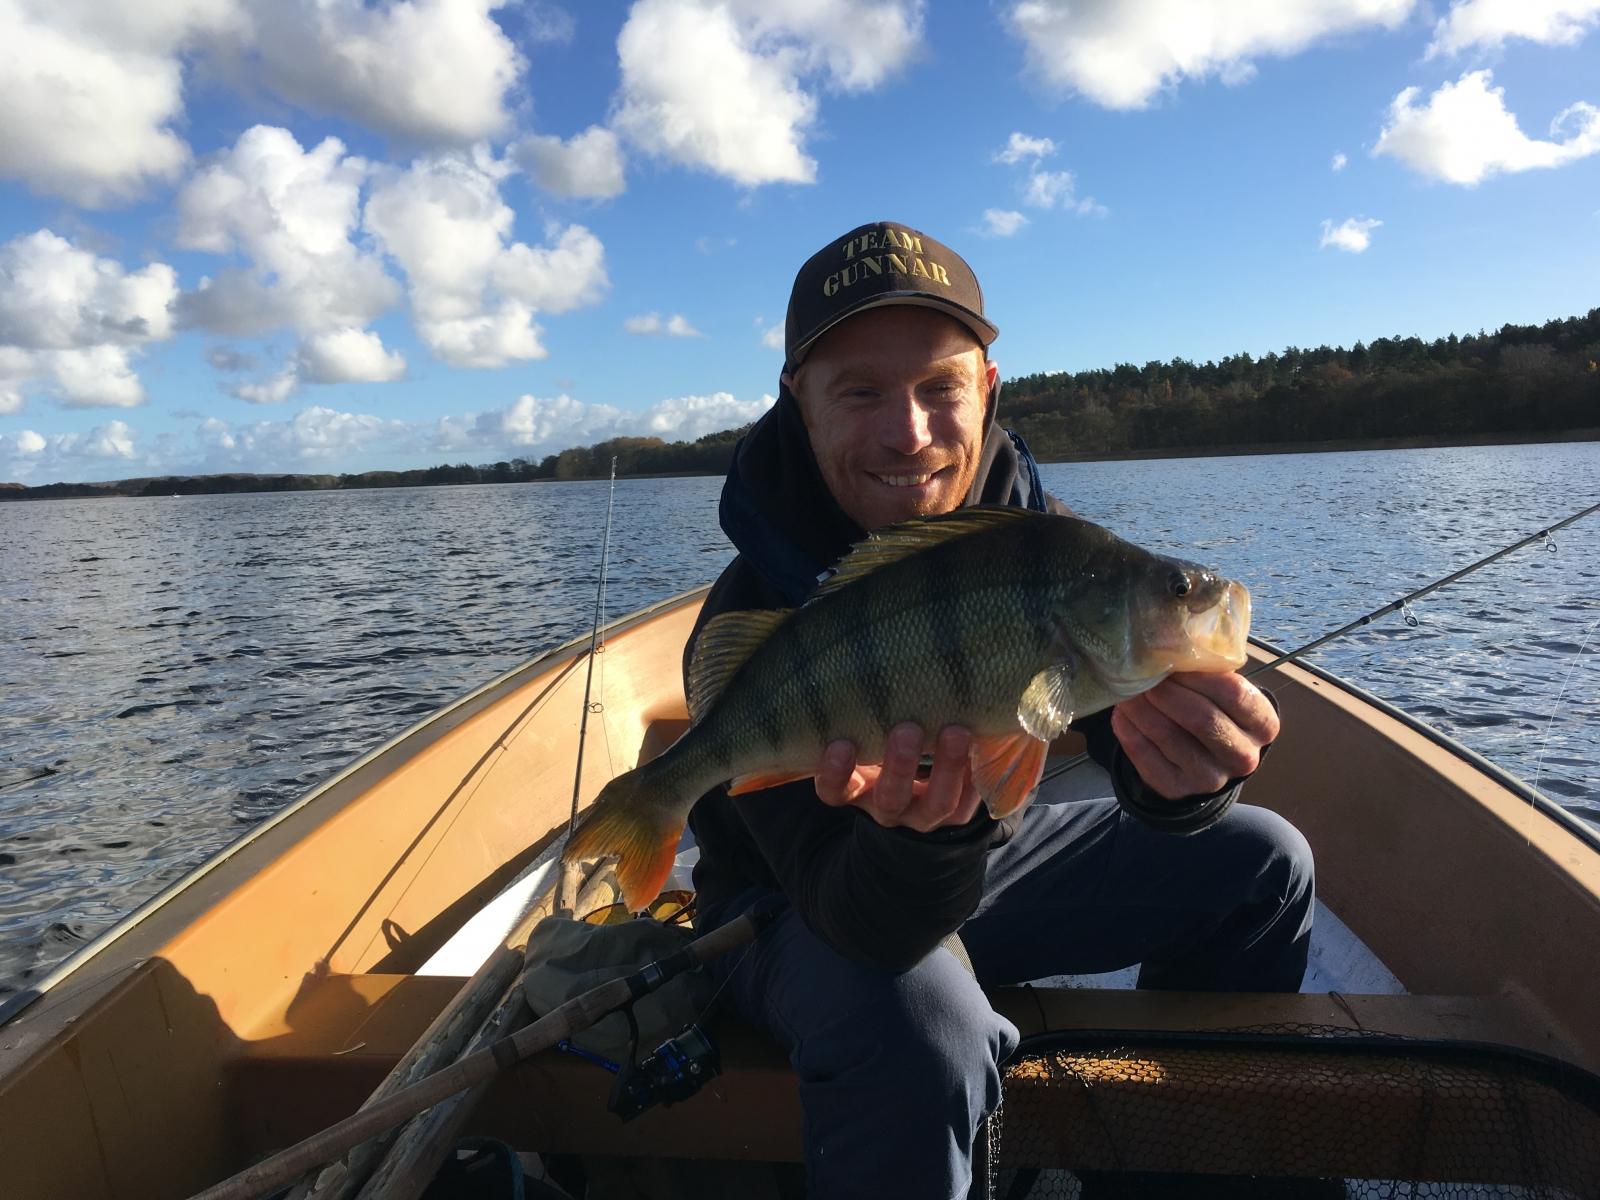 Aborre på 1.50 kg fra Privat sø, Østjylland -  fanget på Wobler # 7026